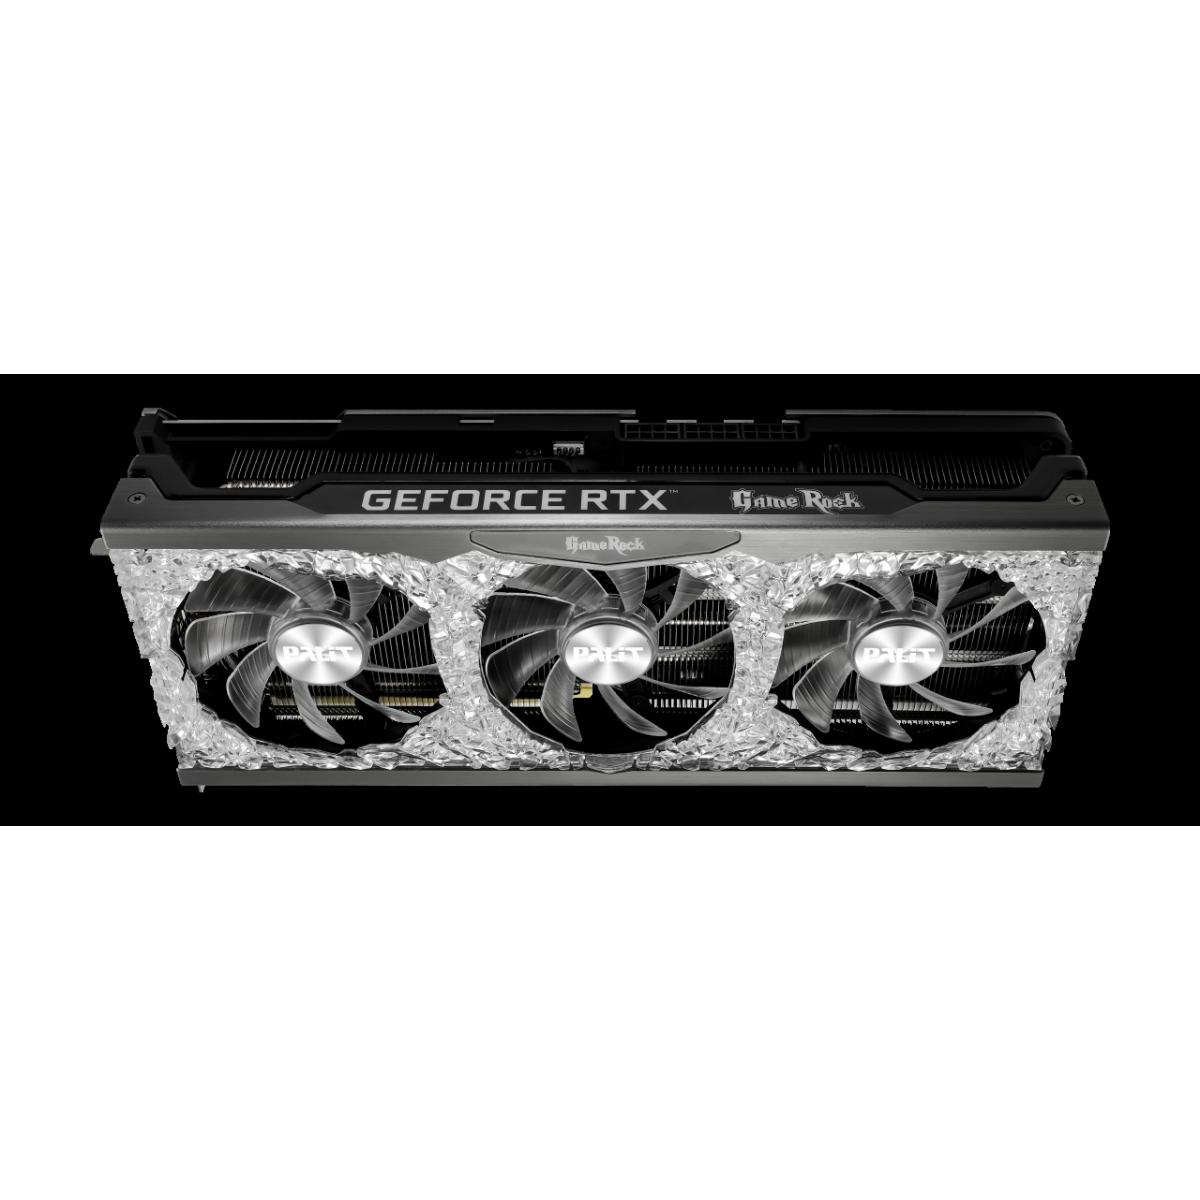 Placa de Vídeo Palit NVIDIA GeForce RTX 3080 Ti GameRock, 12GB, GDDR6X, 384bit, LHR, NED308T019KB-1020G